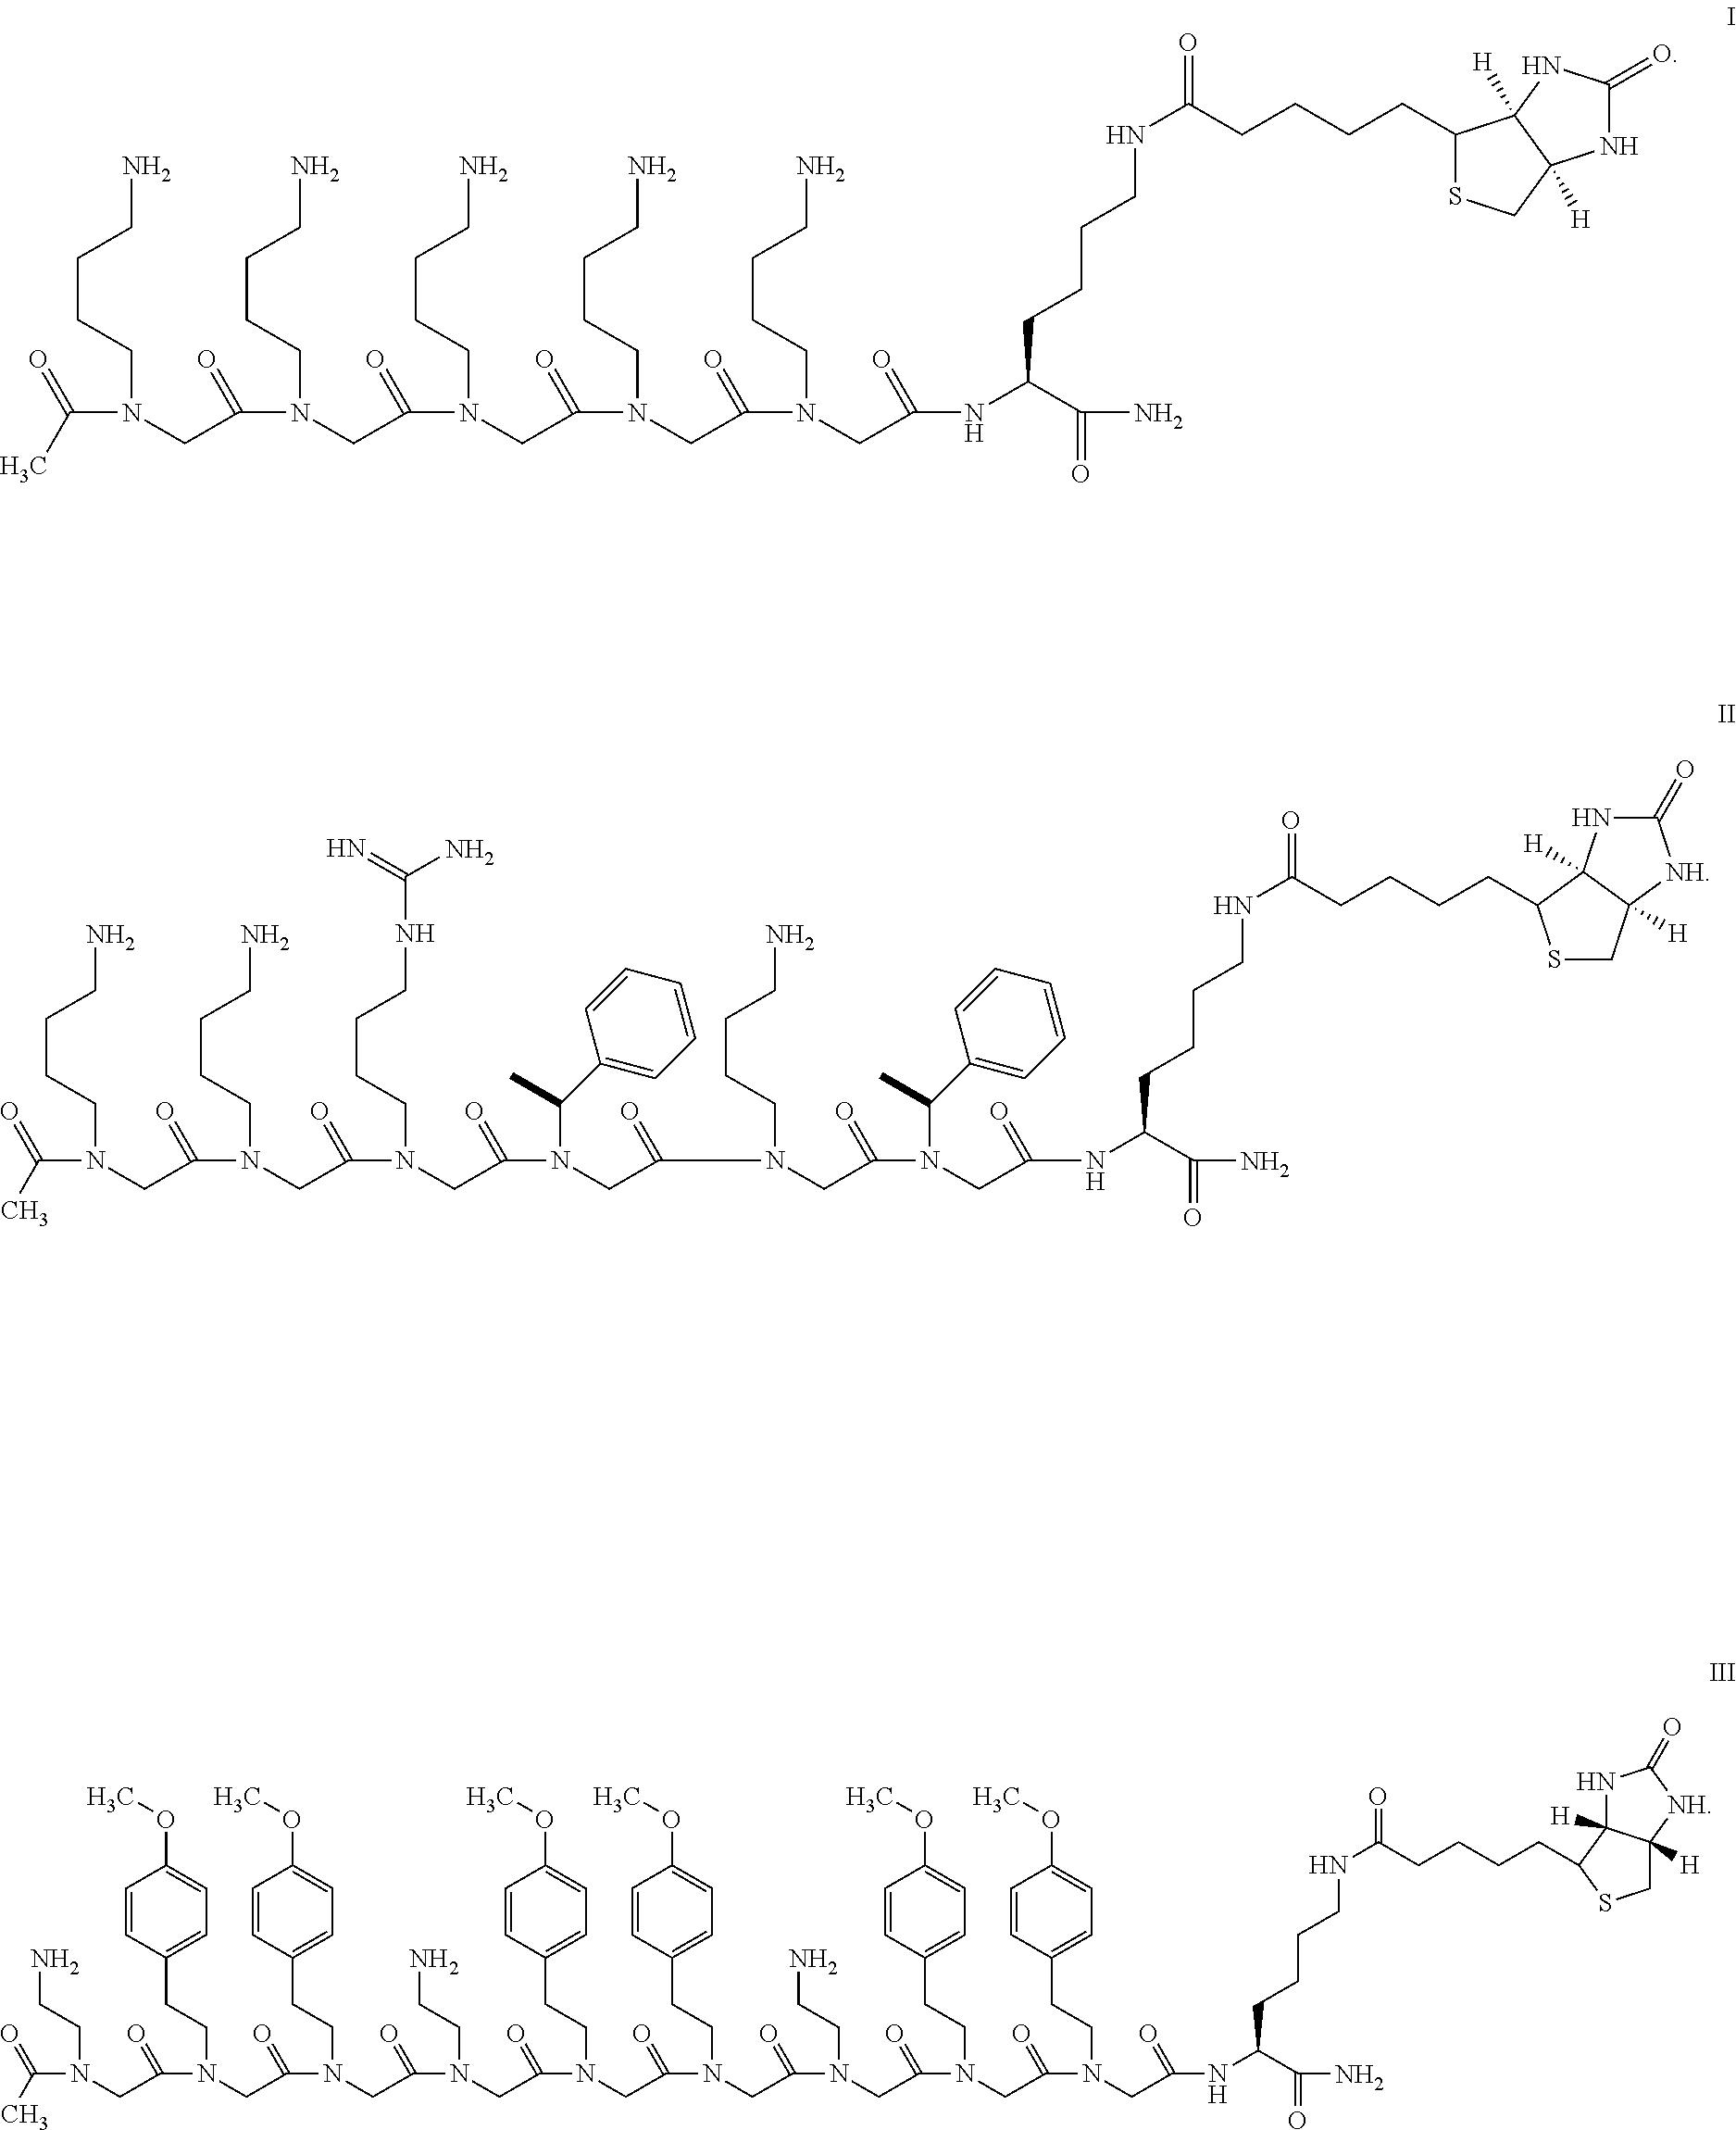 Figure US20110189692A1-20110804-C00061